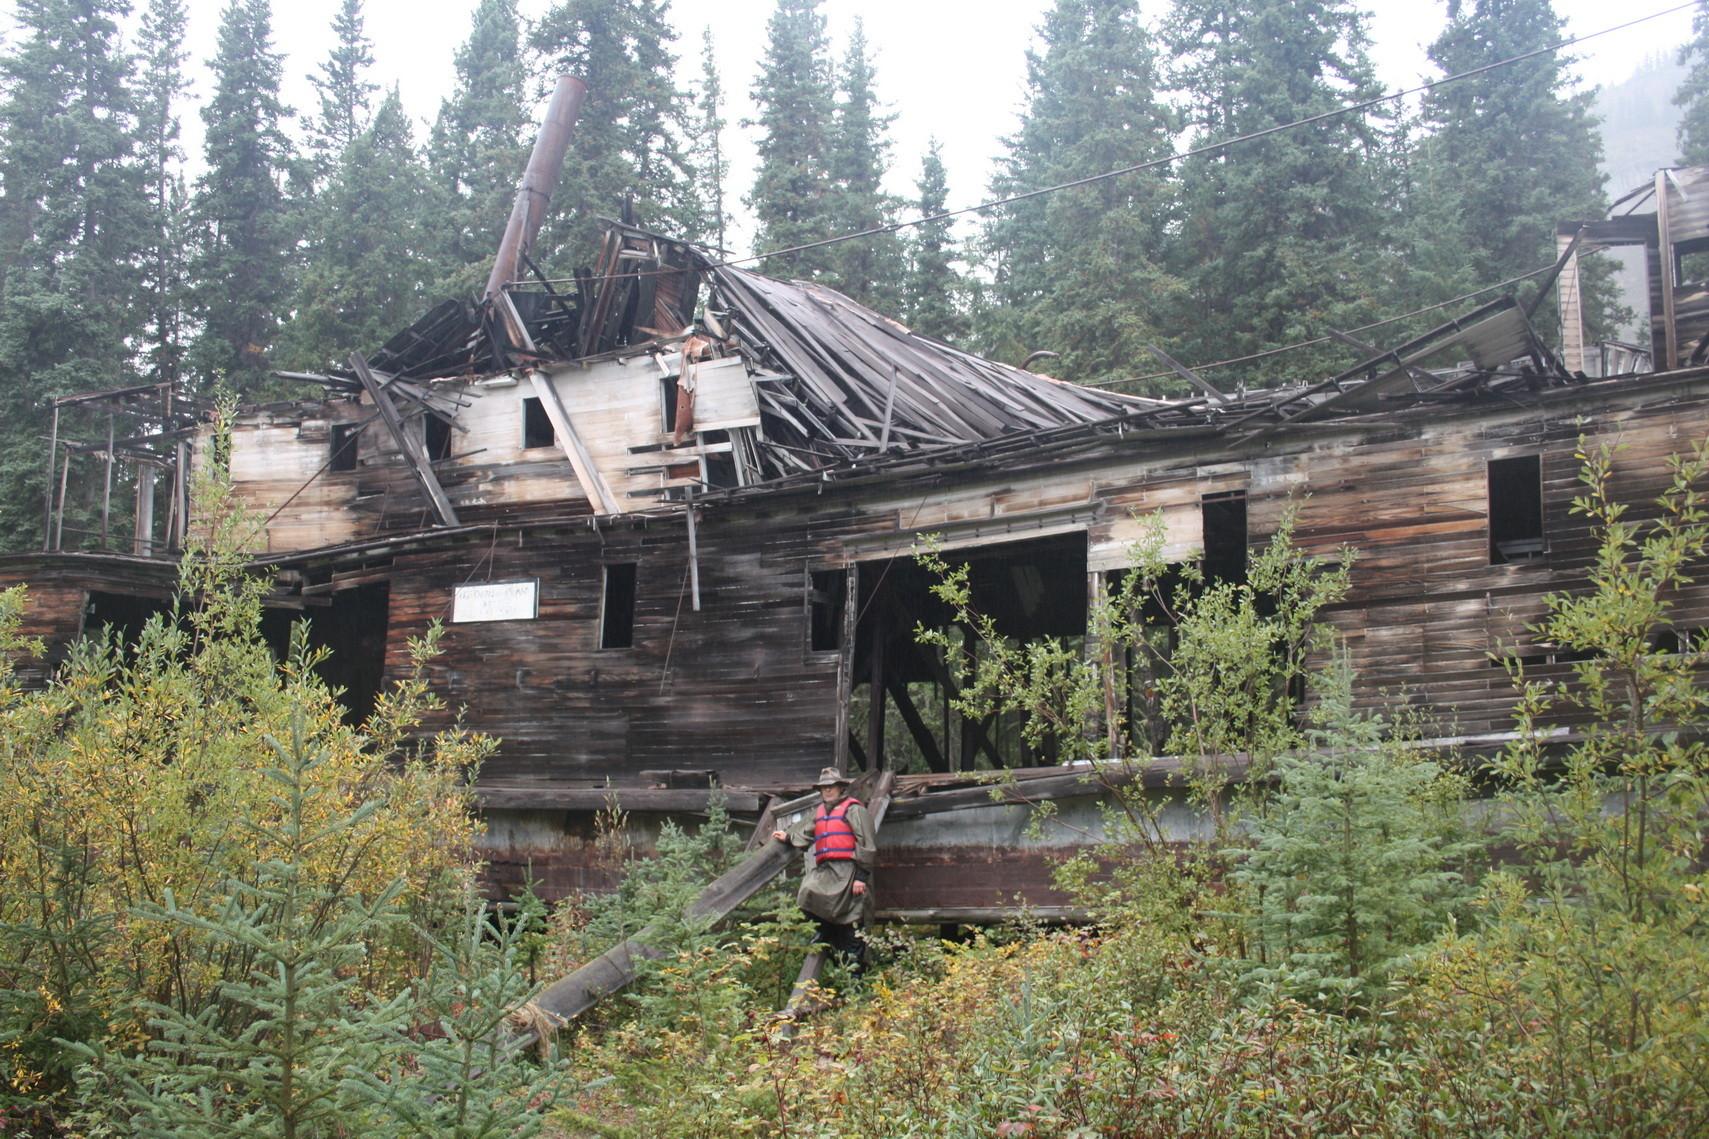 """Der ehemalige Schaufelraddampfer """"SS Evelyn"""" liegt heute im Wald und zerfällt zusehends."""